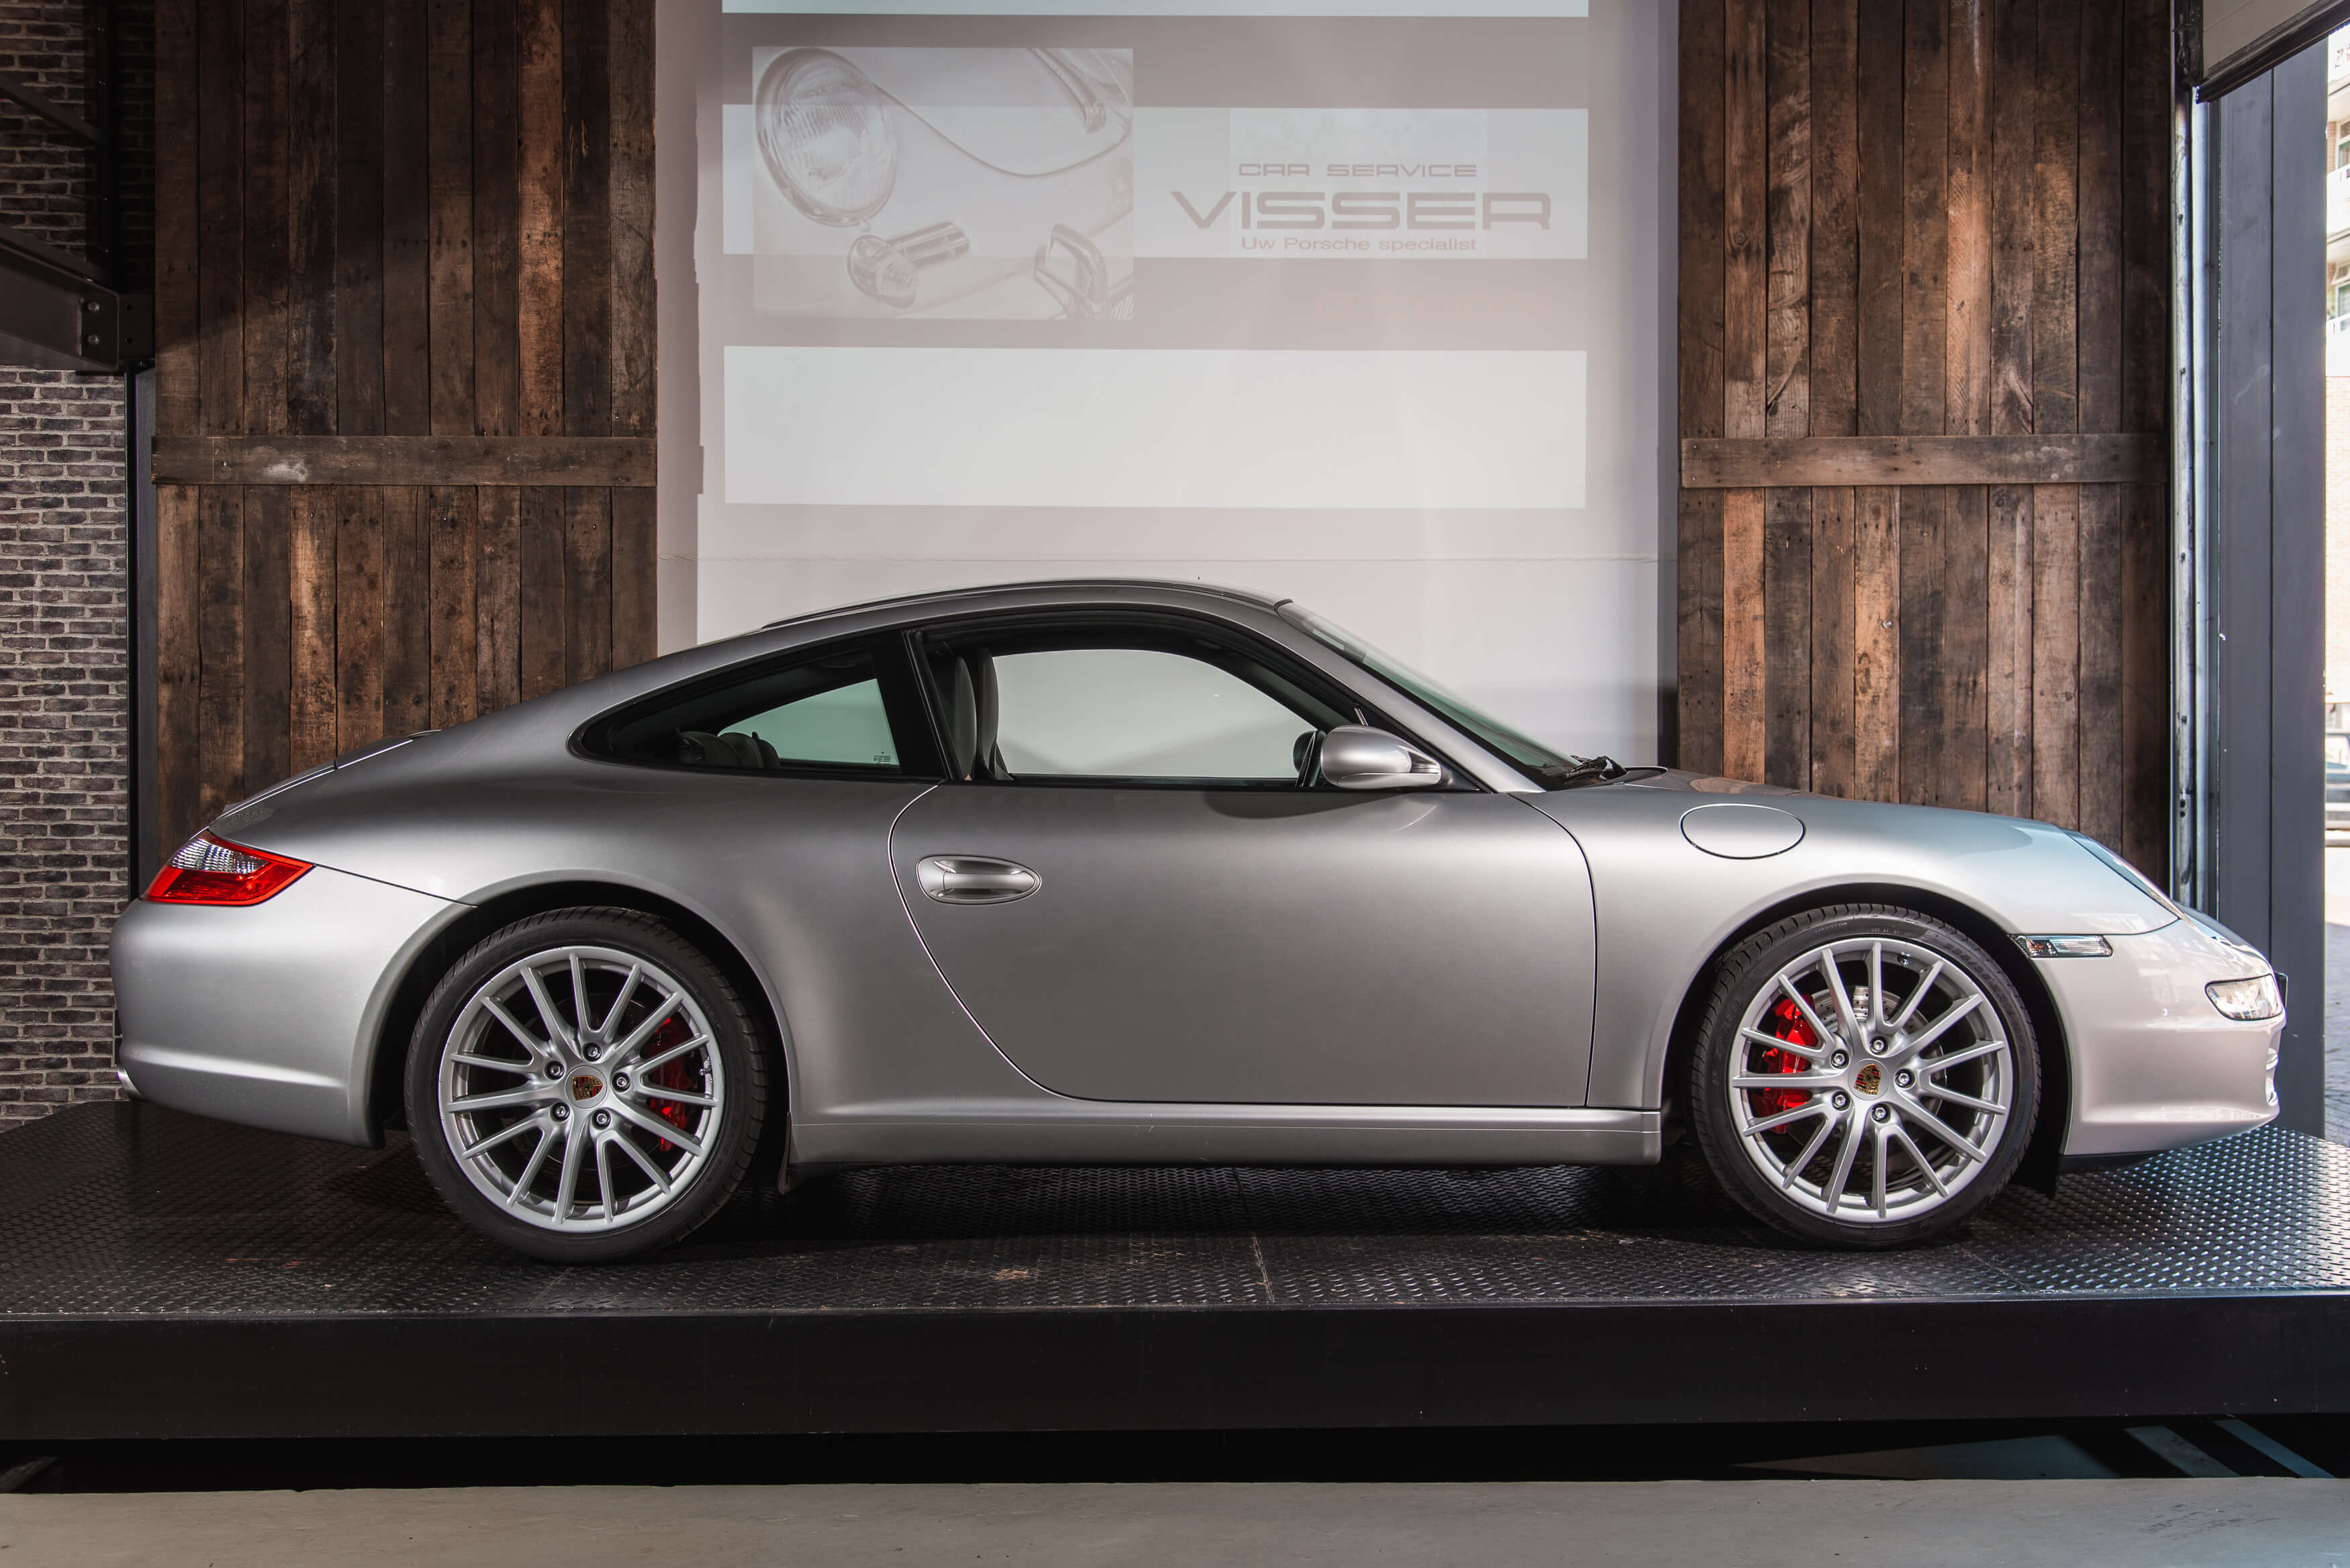 Porsche 997 Carrera S handgeschakeld Car Service Visser gespecialiseerd in Porsche - 2